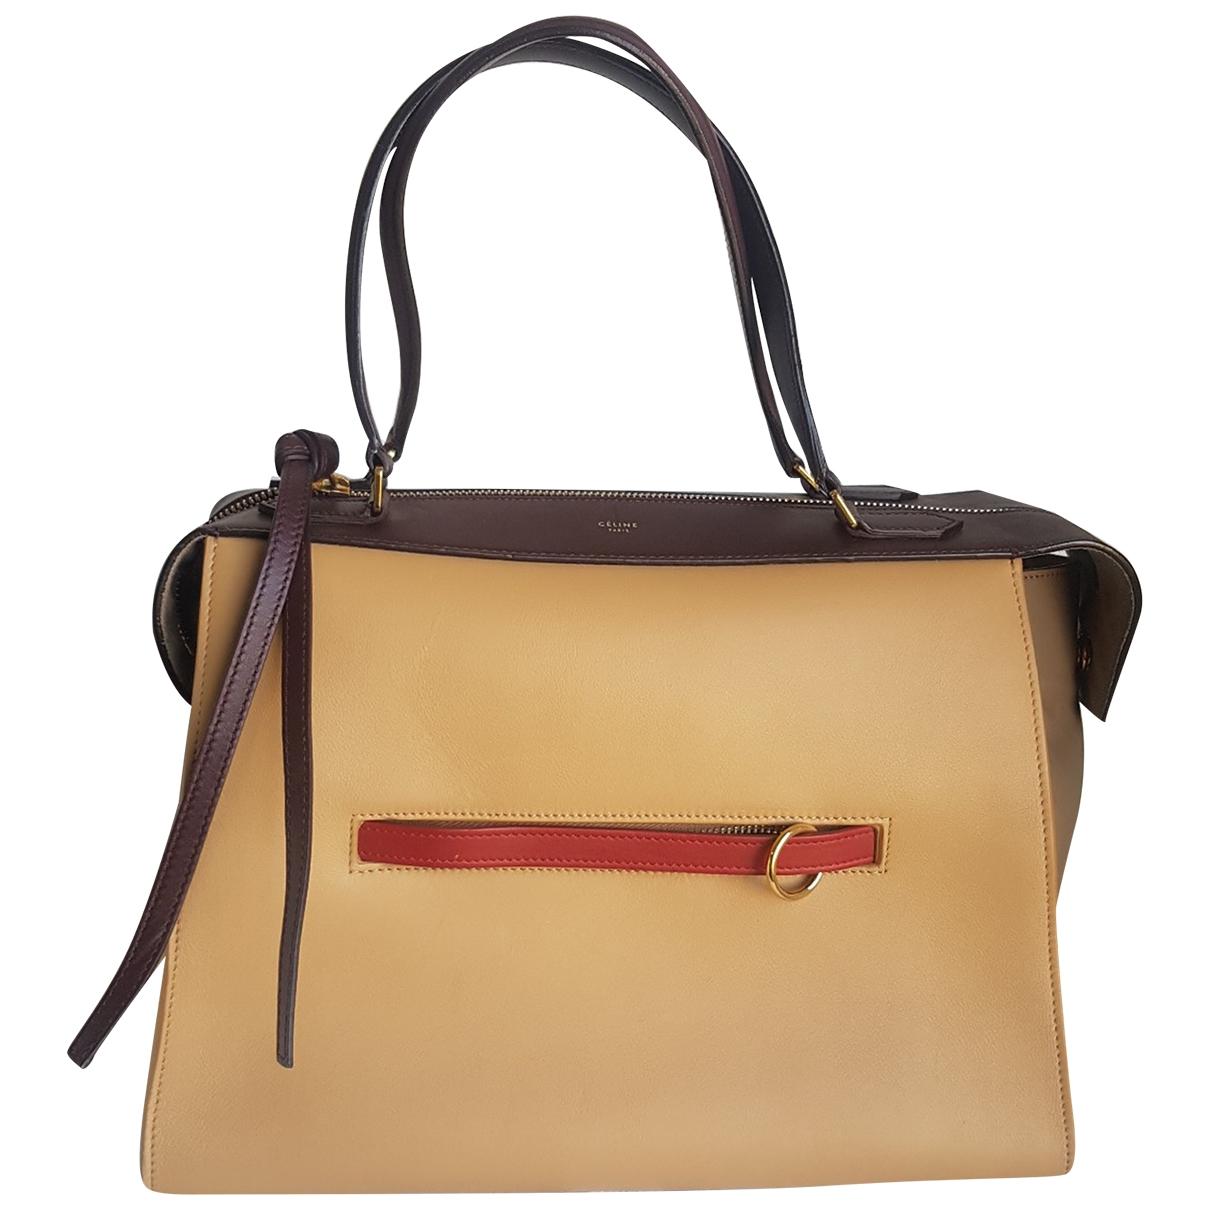 Celine Ring Beige Leather handbag for Women \N